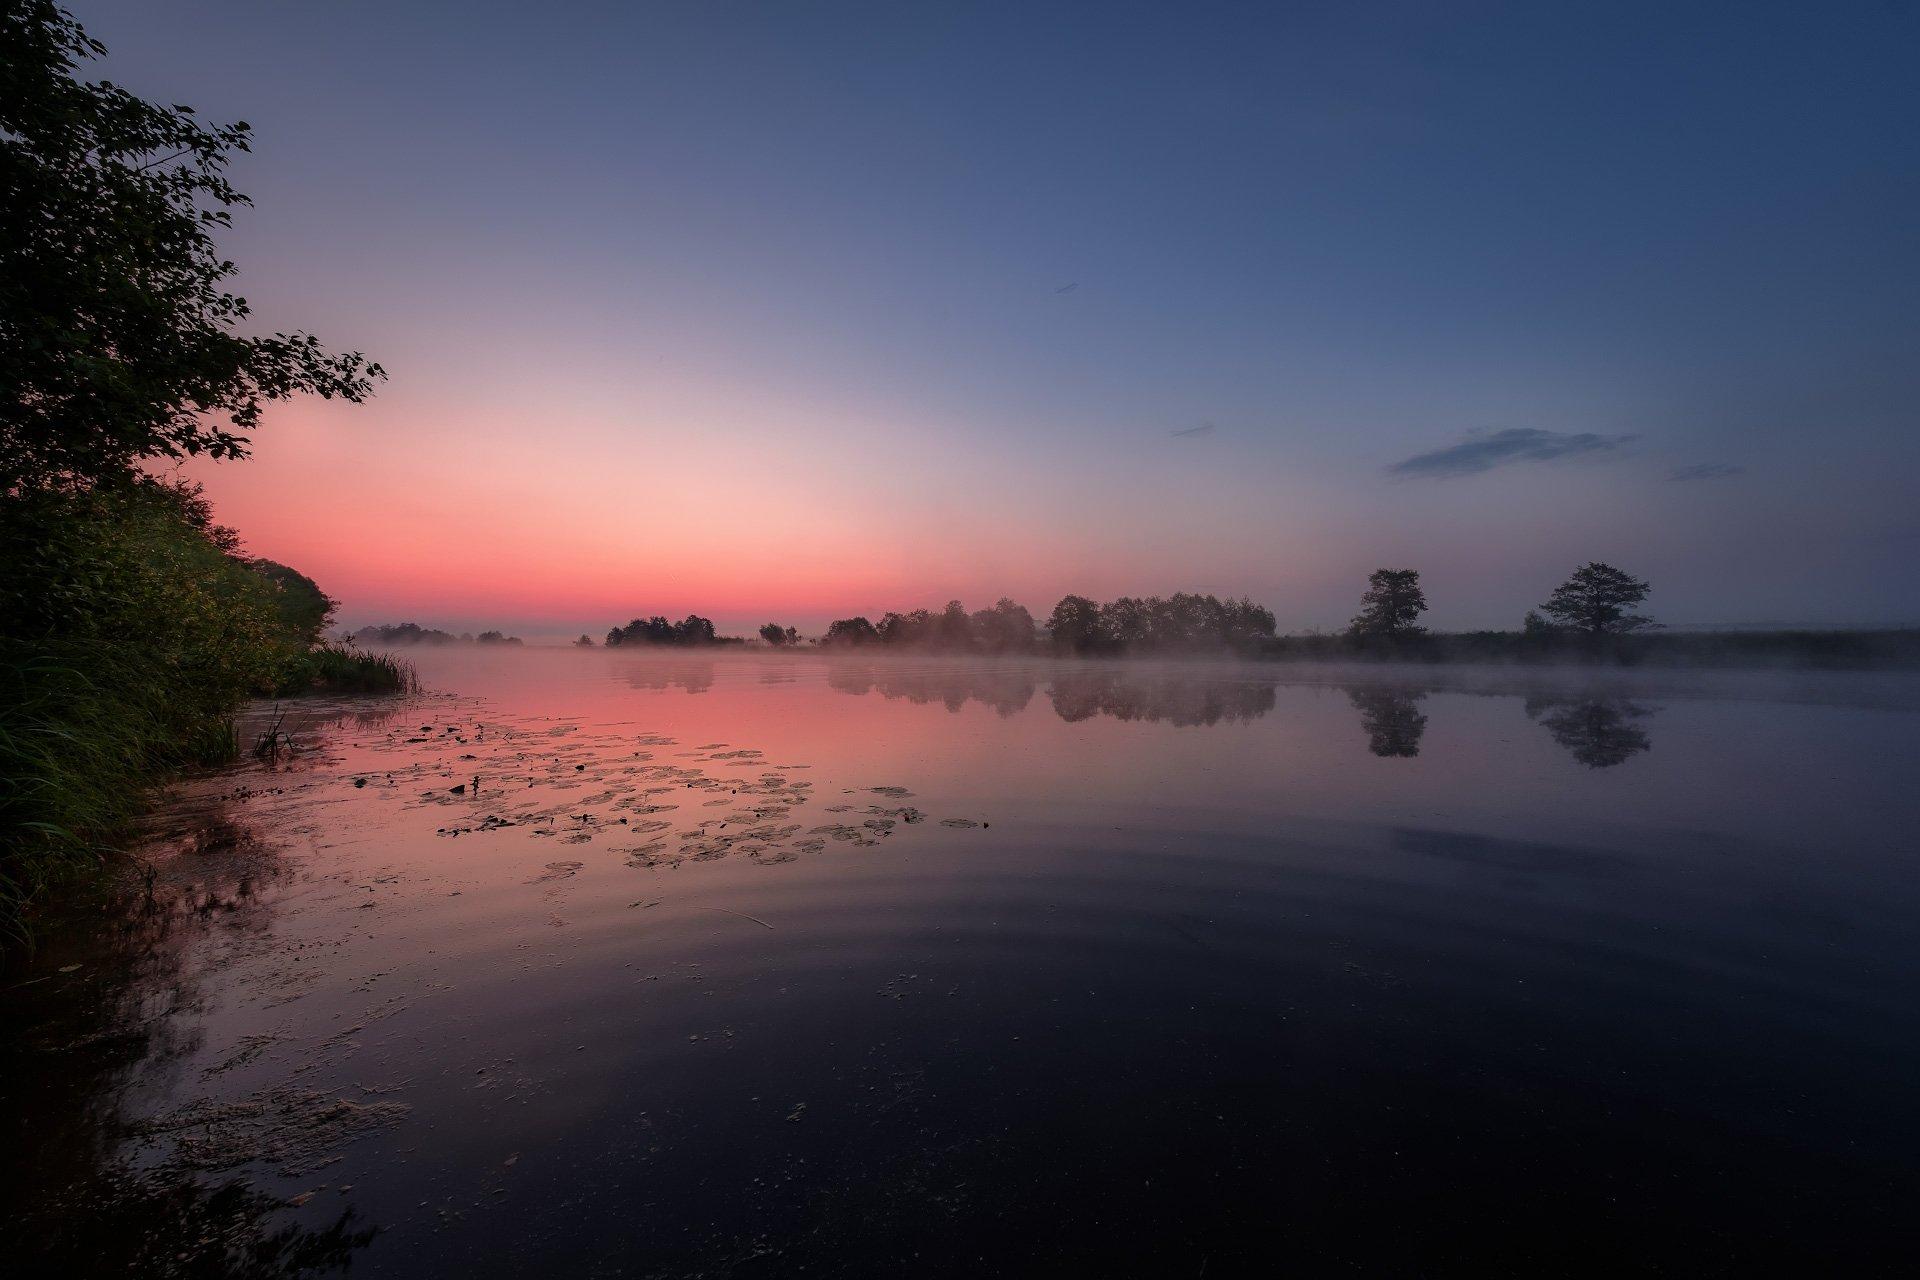 дубна, река, ночь, рассвет, туман, круги, вода, отражение, облака, Андрей Чиж